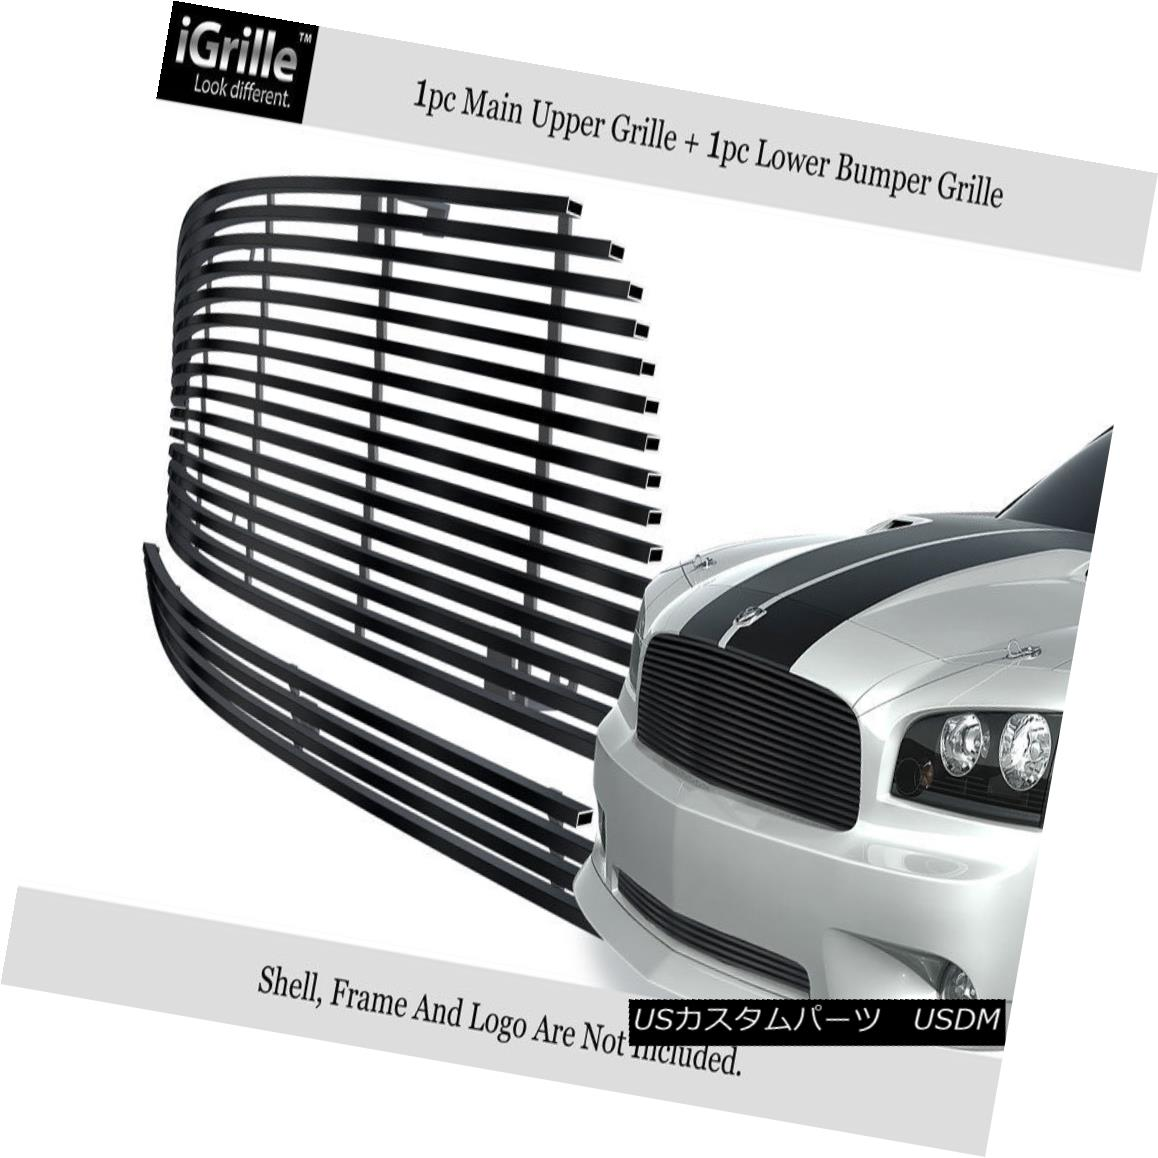 グリル 304 Stainless Steel Black Billet Grille Combo Fits 05-10 Dodge Charger 304ステンレススチールブラックビレットグリルコンボフィッティング05-10ダッジチャージャー